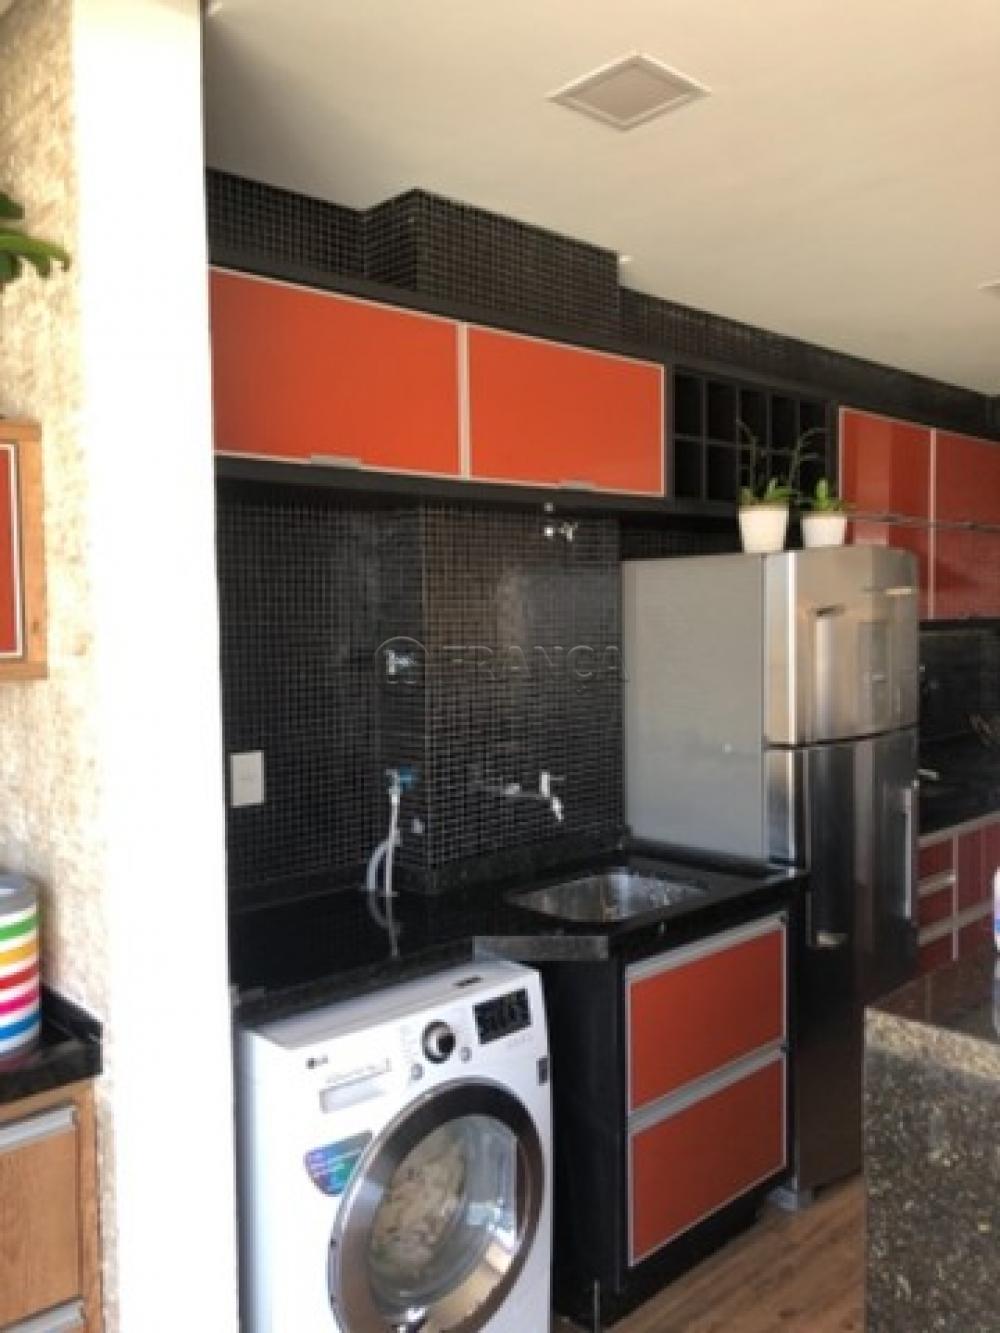 Comprar Apartamento / Padrão em São José dos Campos R$ 470.000,00 - Foto 9